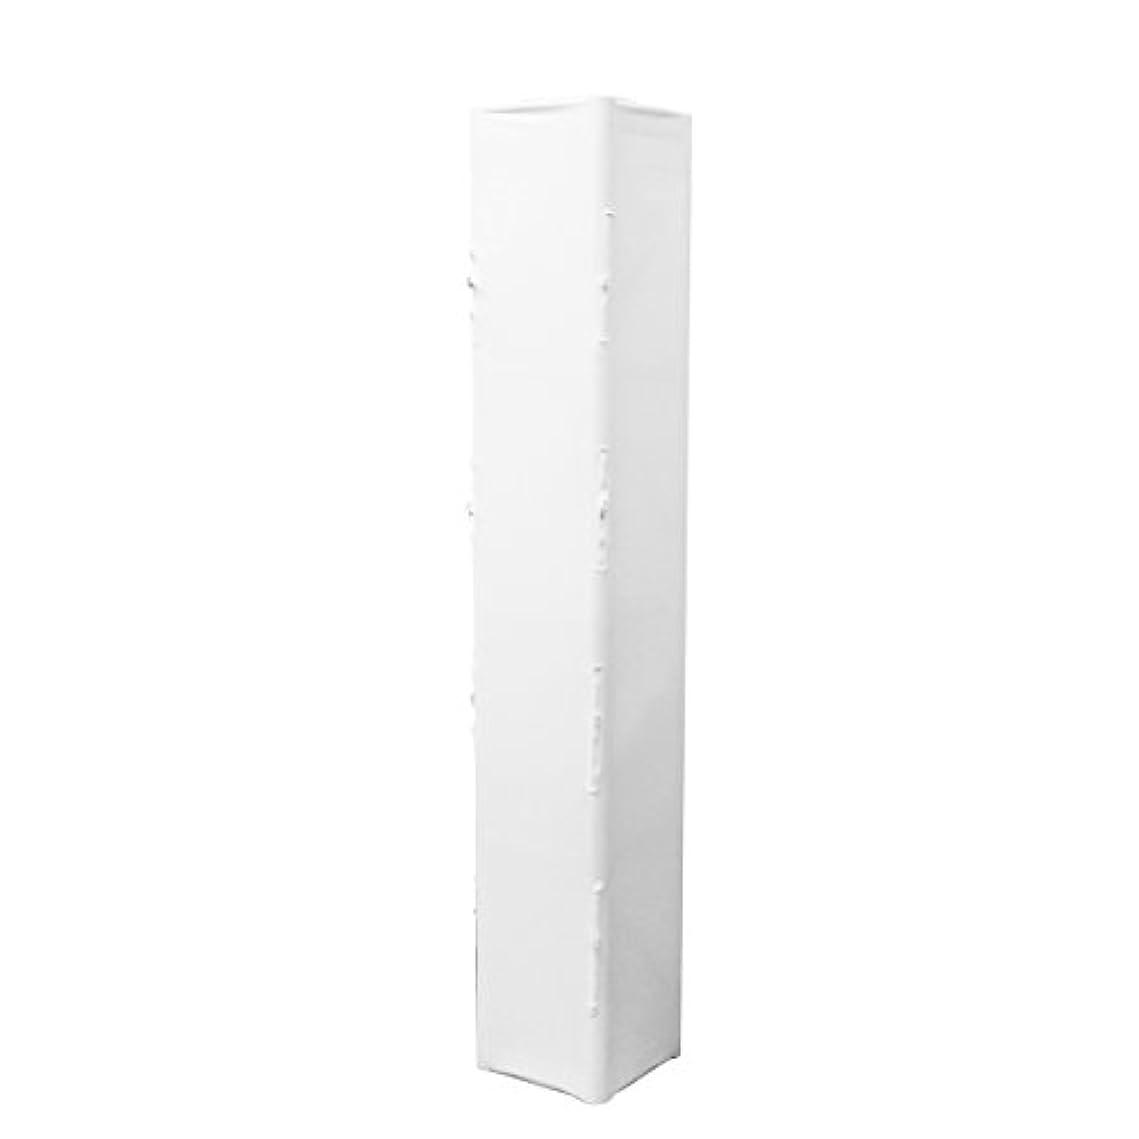 ライトニング変形期待するOdyssey Cases ts1206cz |紗幕Werks 6フィートジッパーアクセスシリーズII Slip画面